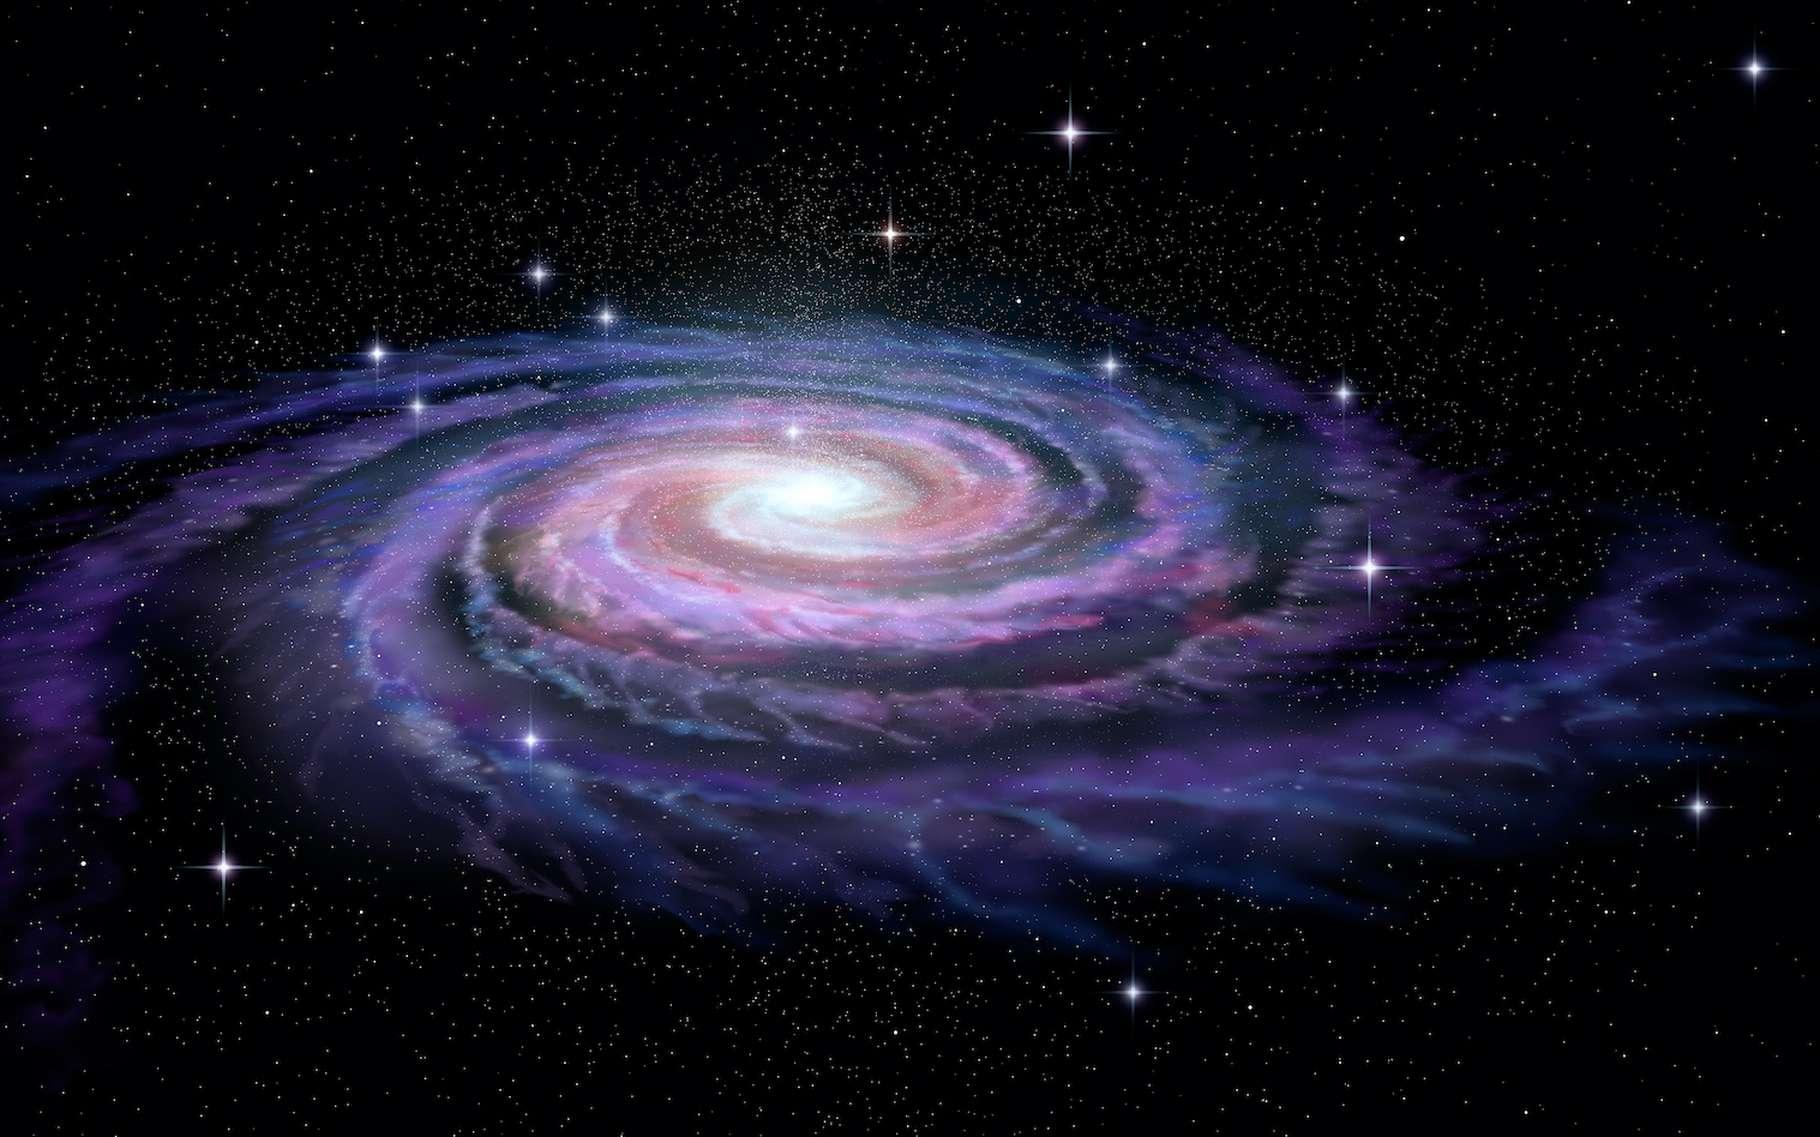 En étudiant les rayonnements cosmiques reçus sur Terre, les astronomes espèrent mieux comprendre l'origine de la matière dans notre Voie lactée. © Alexandr Mitiuc, Adobe Stock